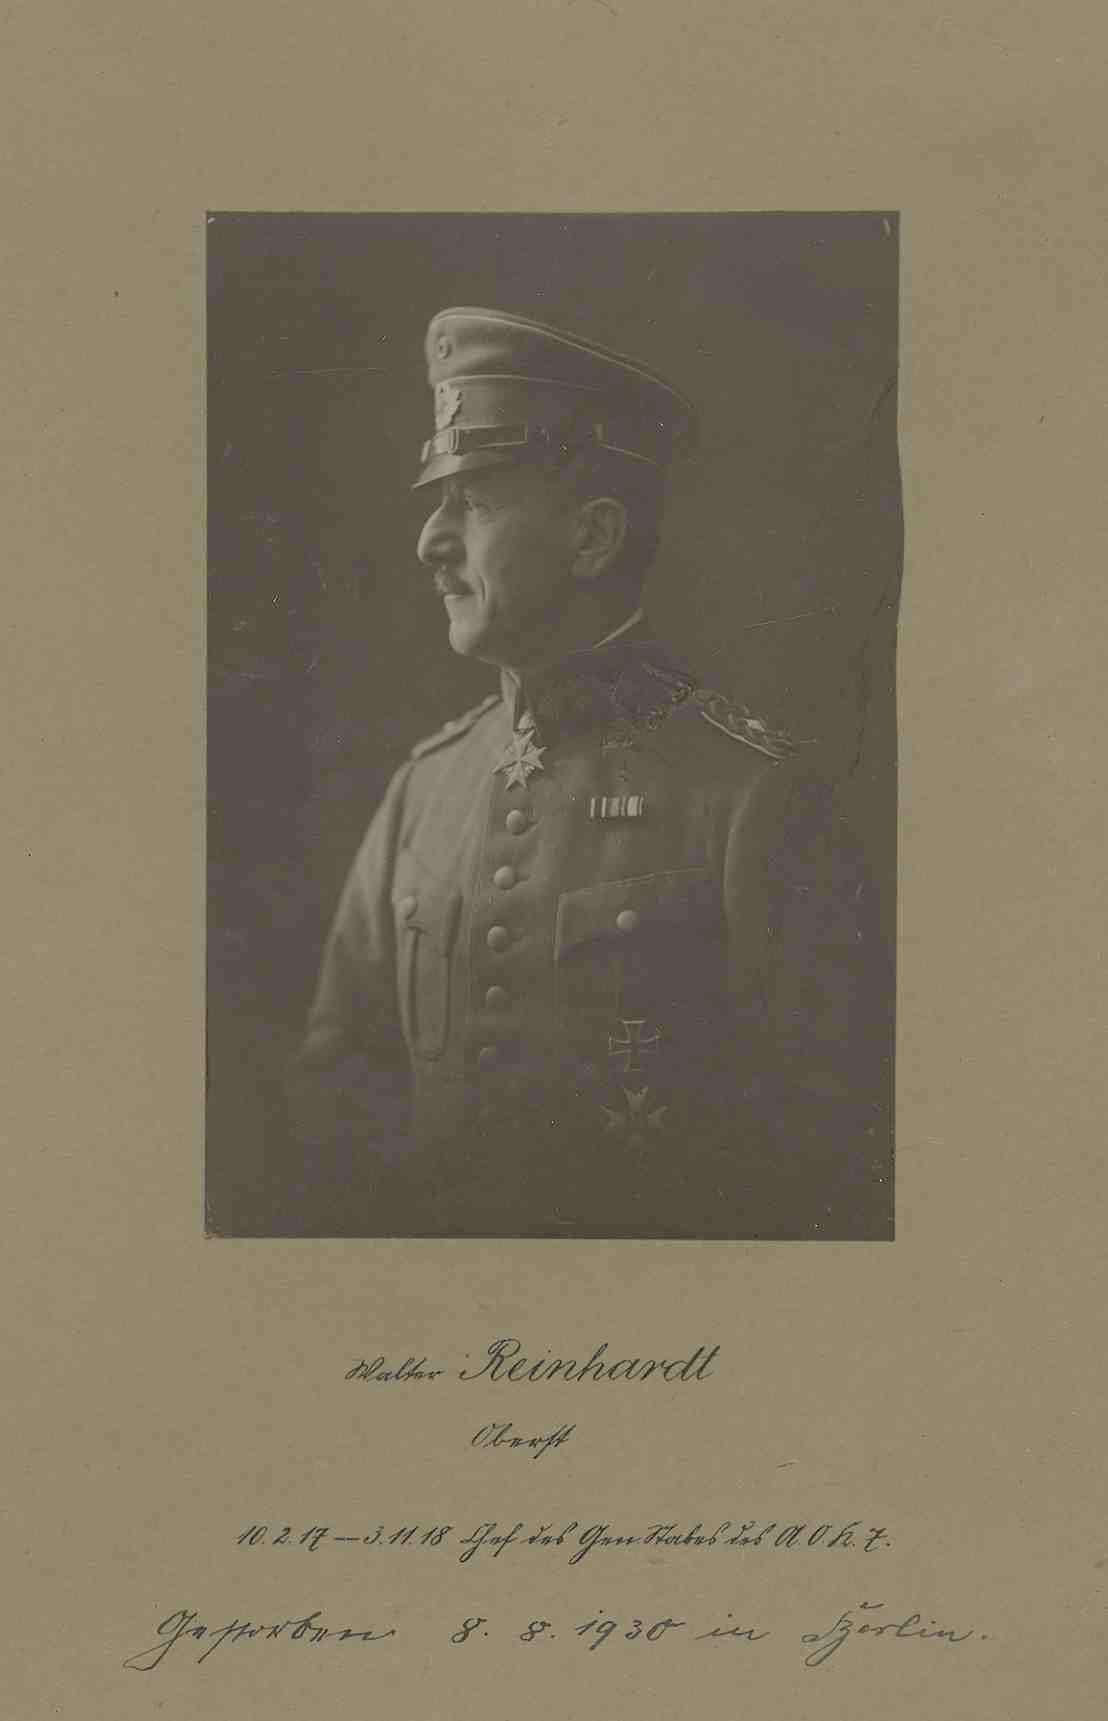 Walter Reinhardt, Oberst, Chef des Generalstabs des Armeeoberkommando 7 von 1917-1918 in Uniform, Mütze mit Orden, Brustbild in Profil, Bild 1